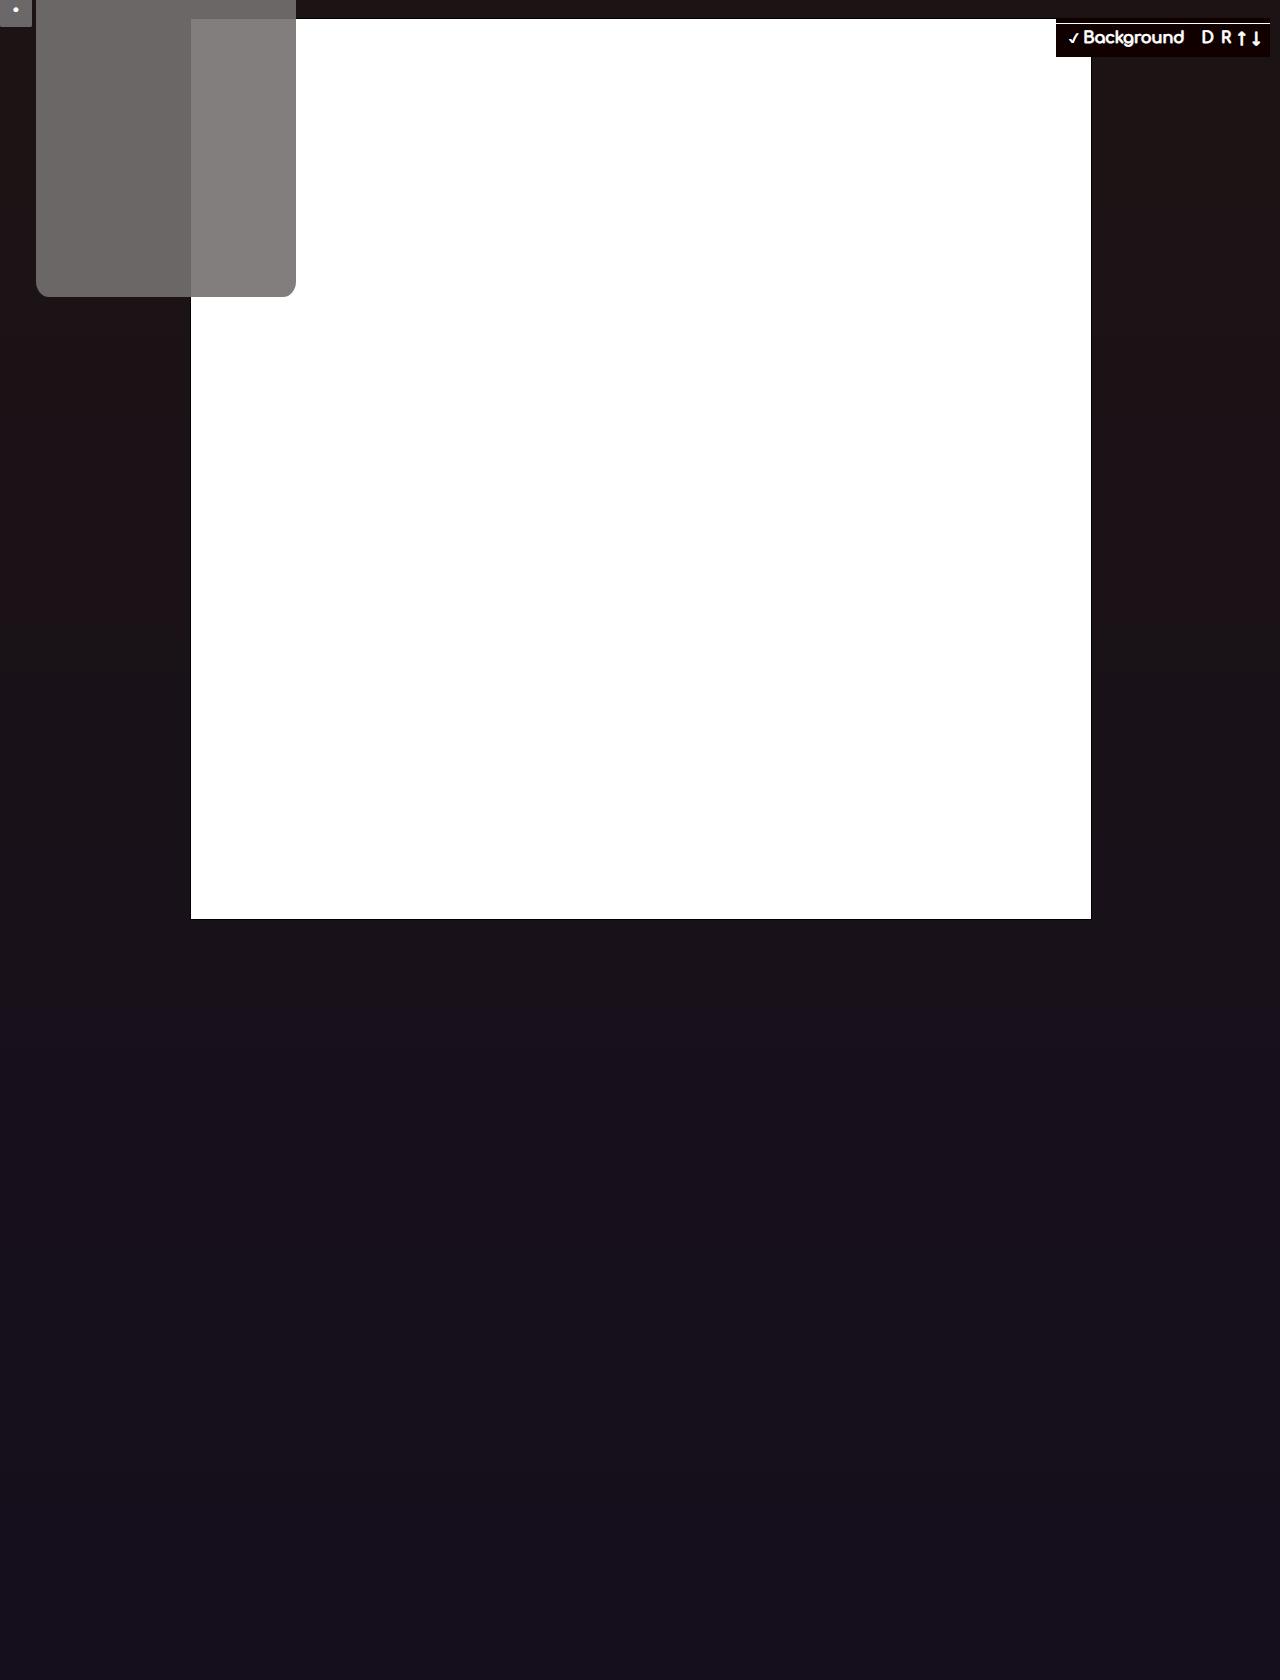 Screenshot Desktop - https://lucid-detroit.com/